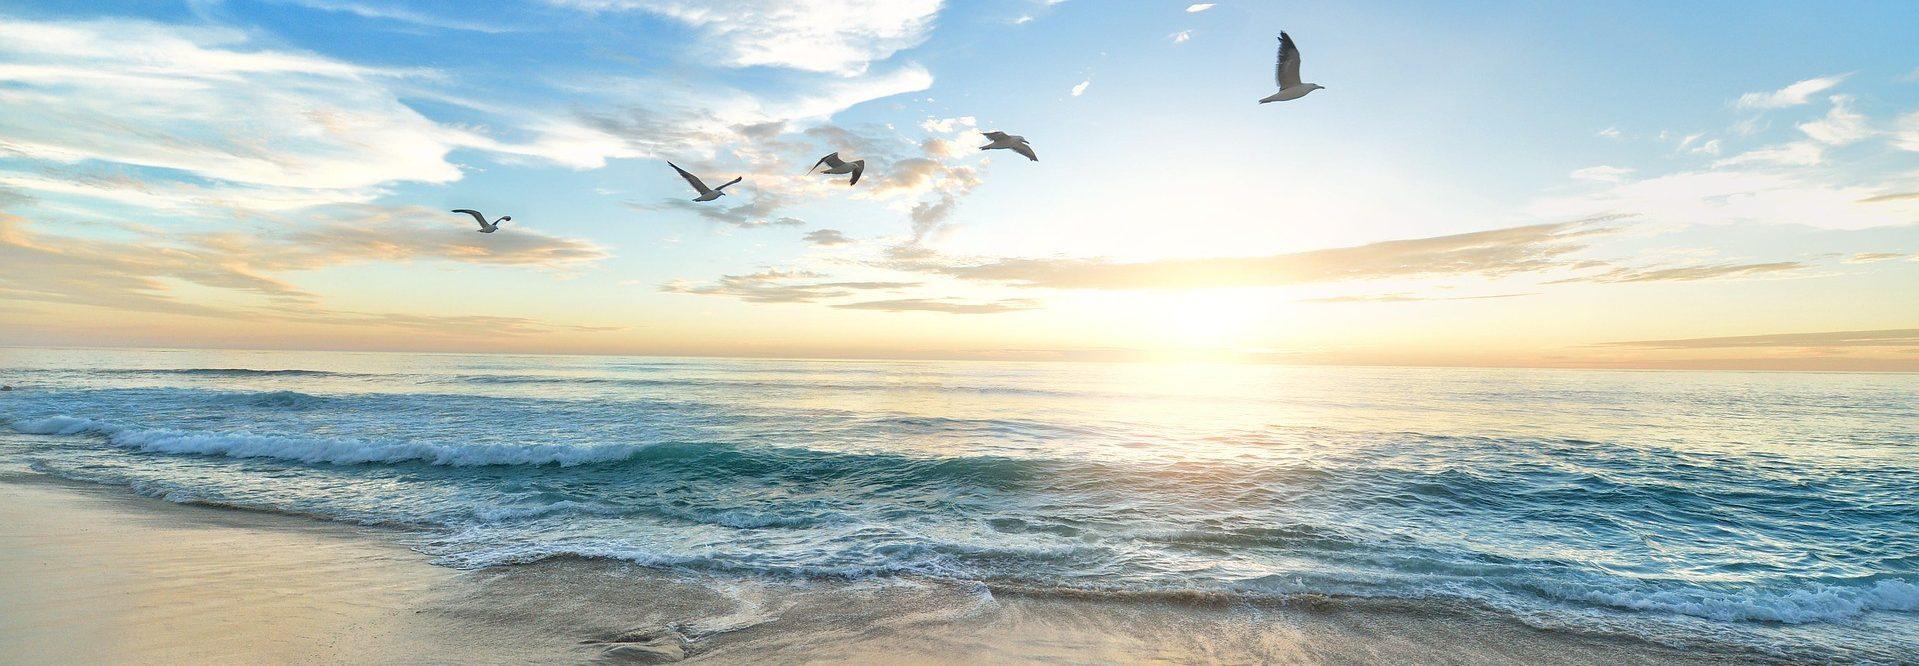 Beach Sunrise with Birds